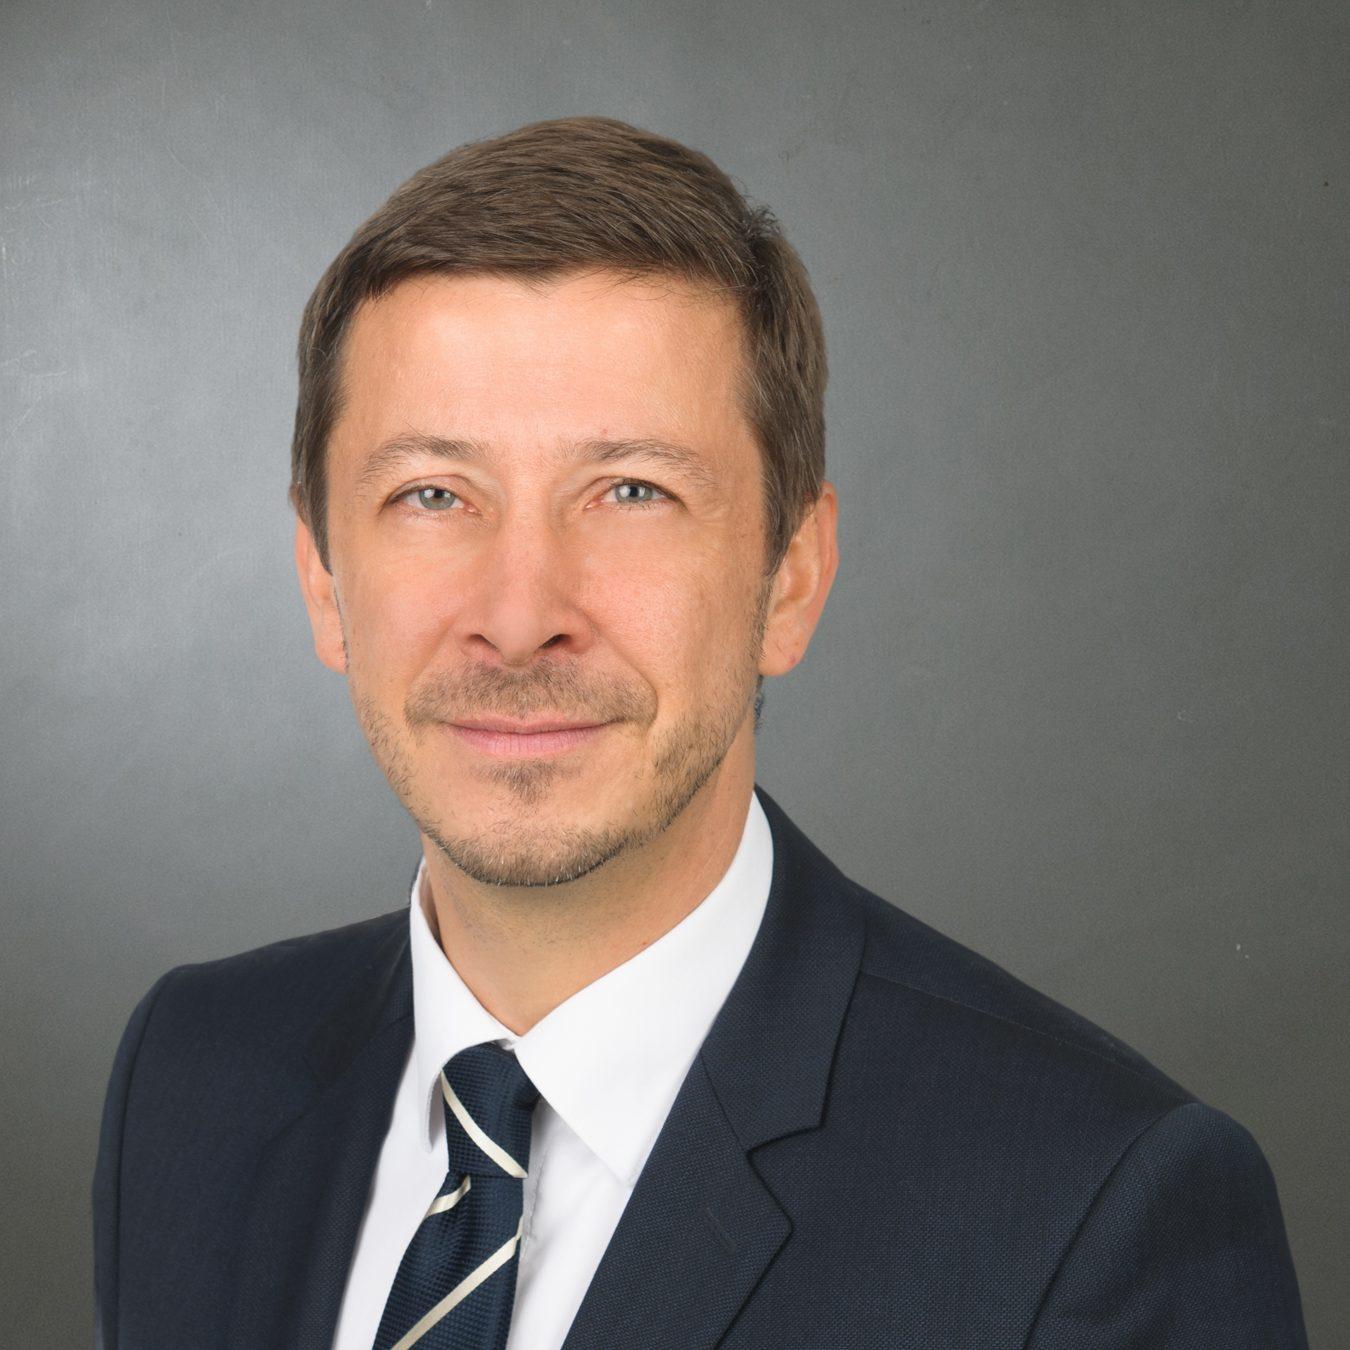 JUDr. Stephan Roensch